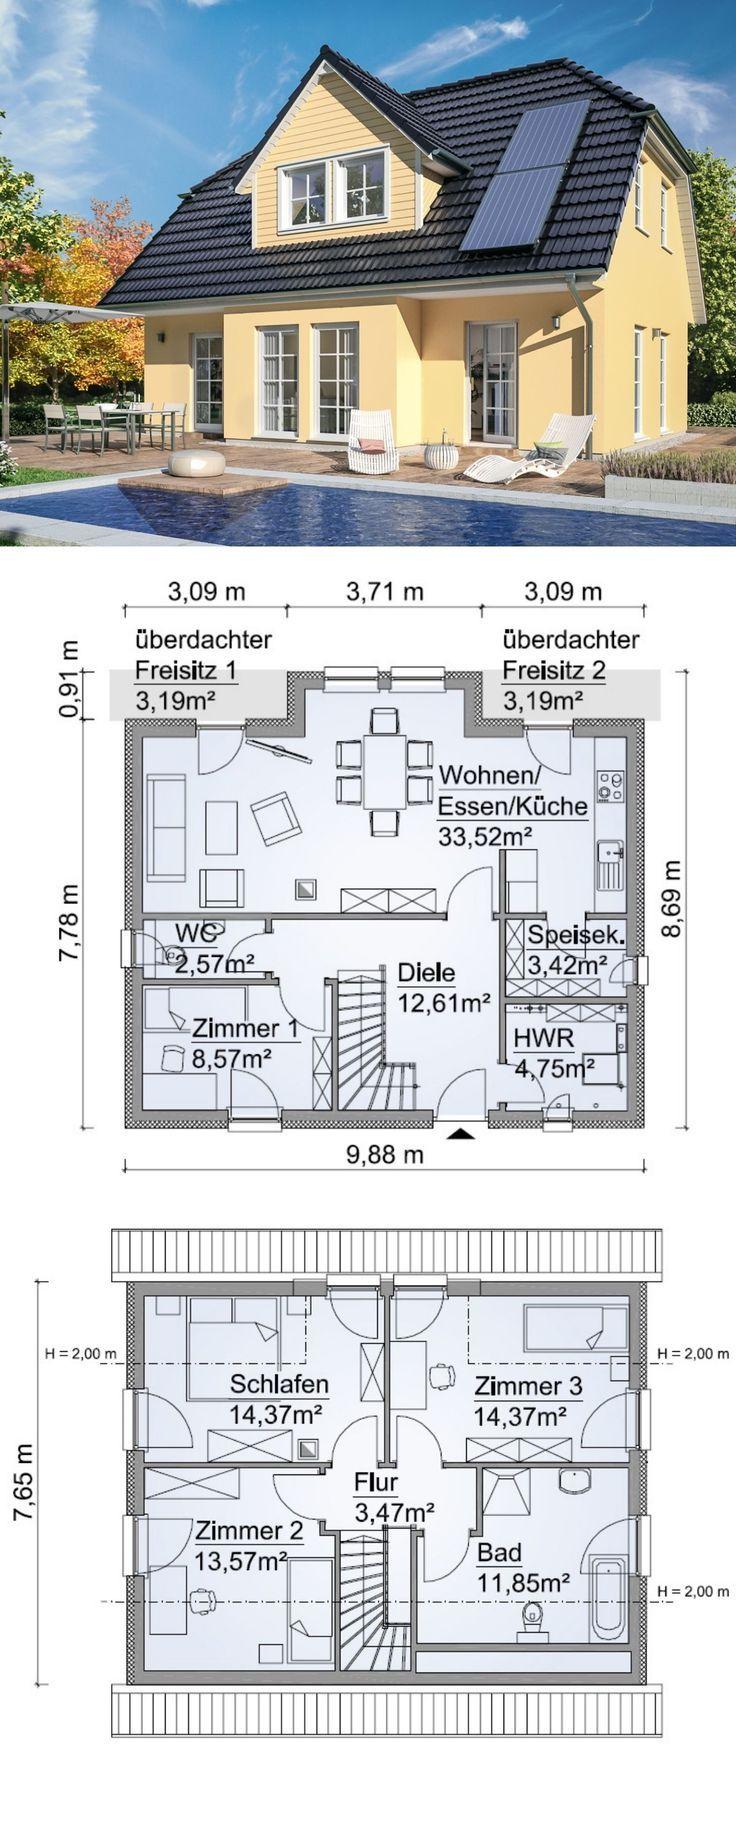 Einfamilienhaus Neubau modern im Landhausstil Grundriss